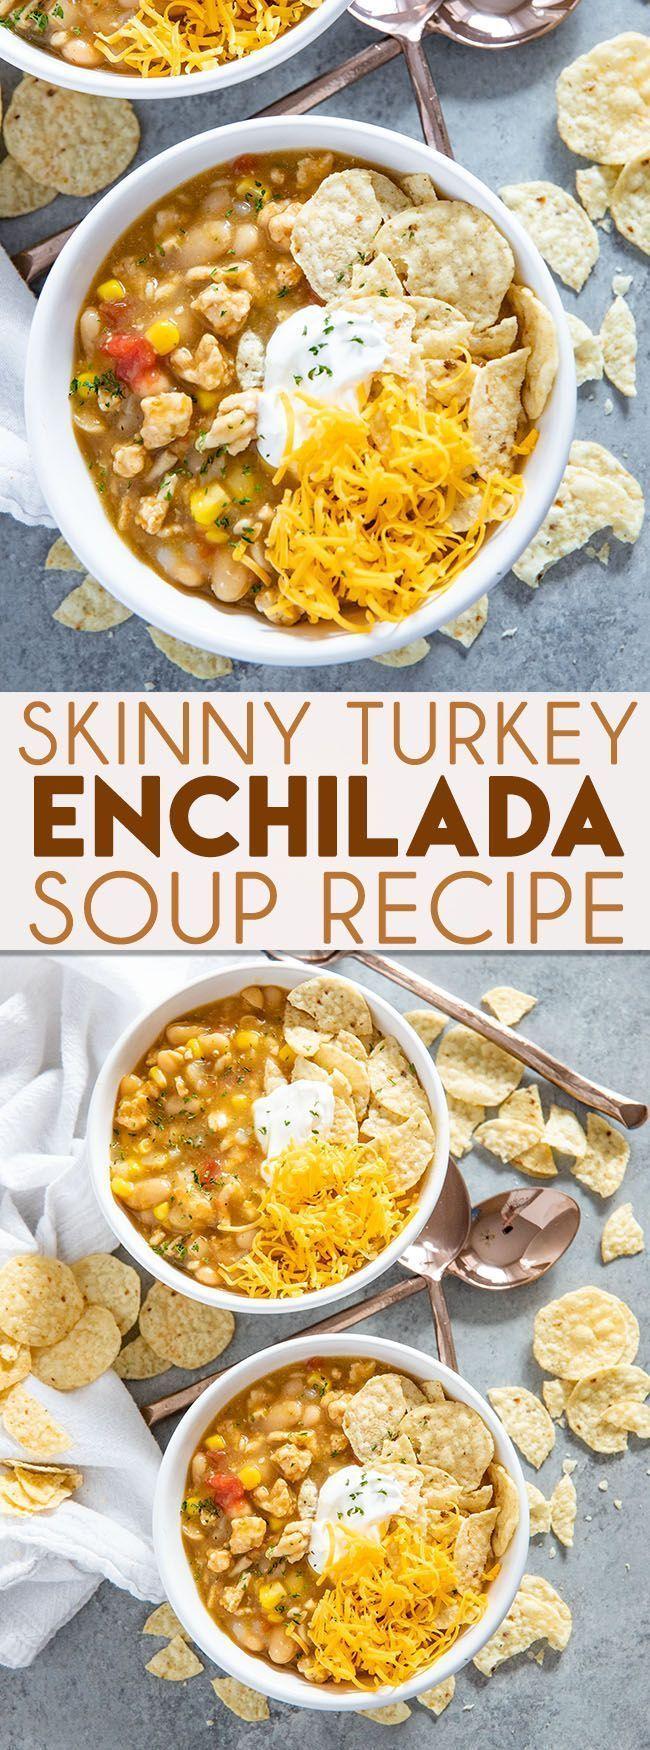 Skinny Enchilada Turkey Soup